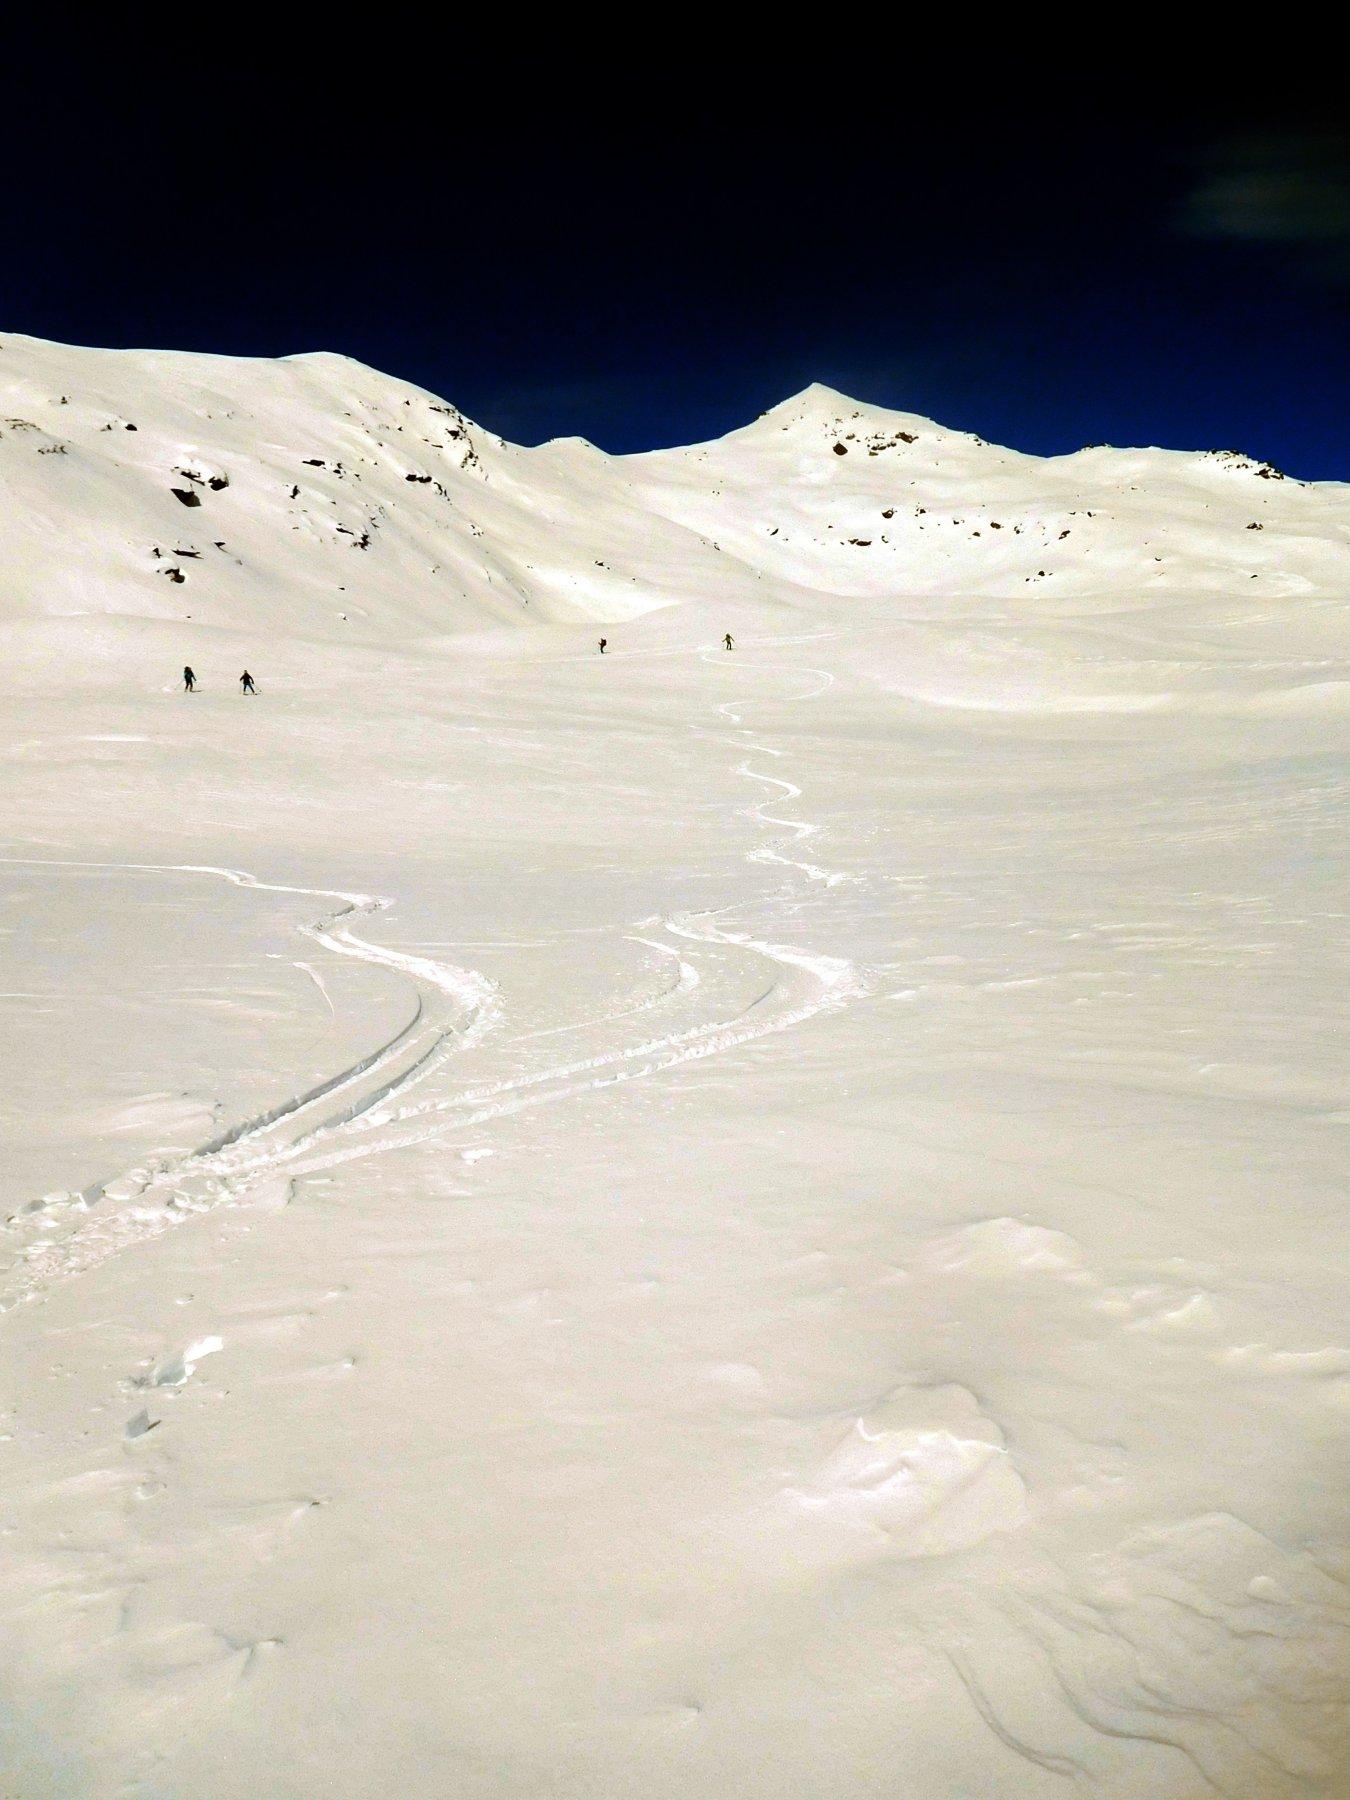 neve bella da cercare nella parte mediana